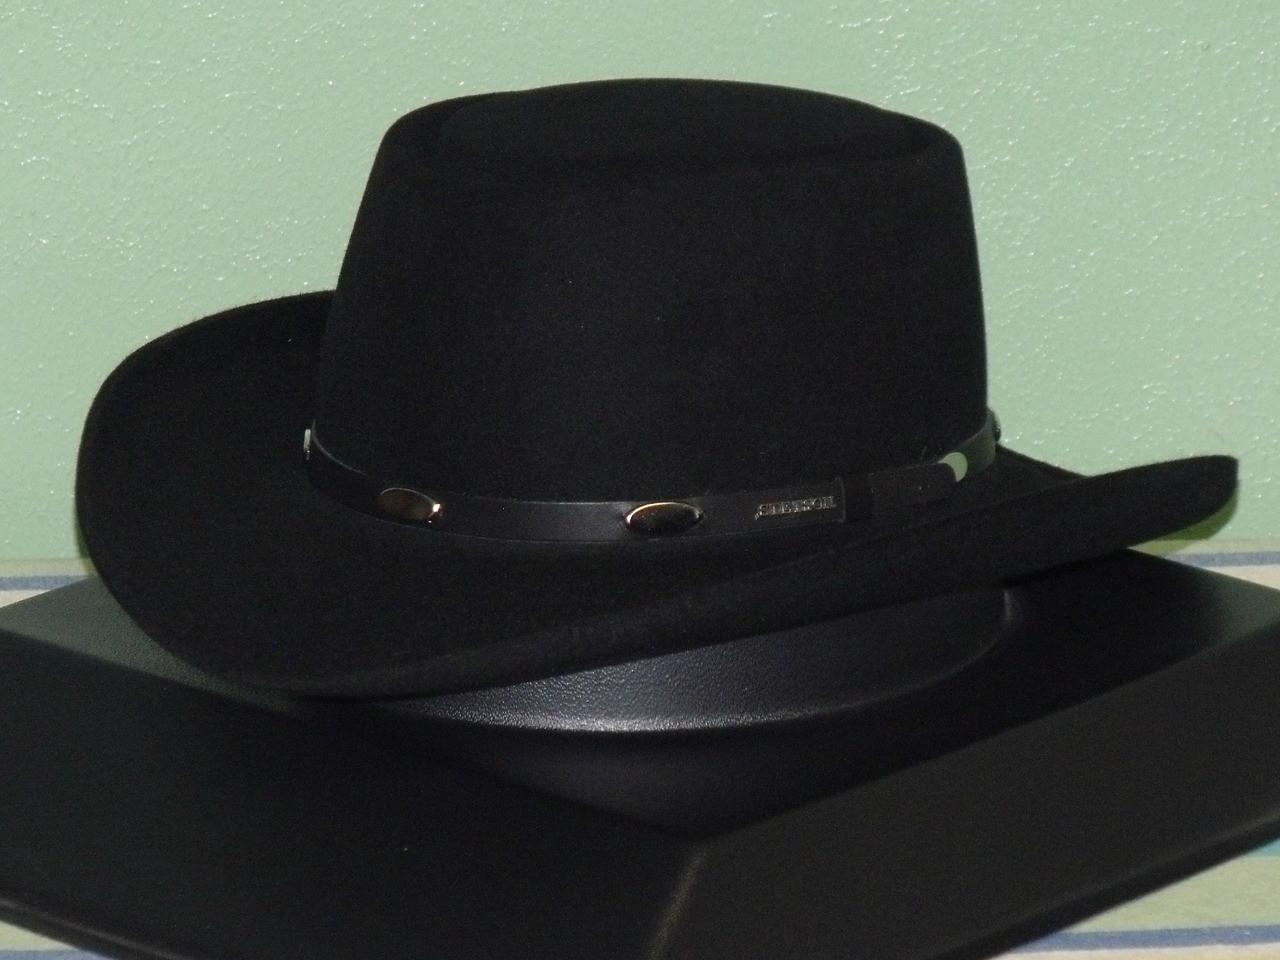 Stetson Royal Flush 5X Fur Gambler Western Hat - One 2 mini Ranch 8ca87c54e6a